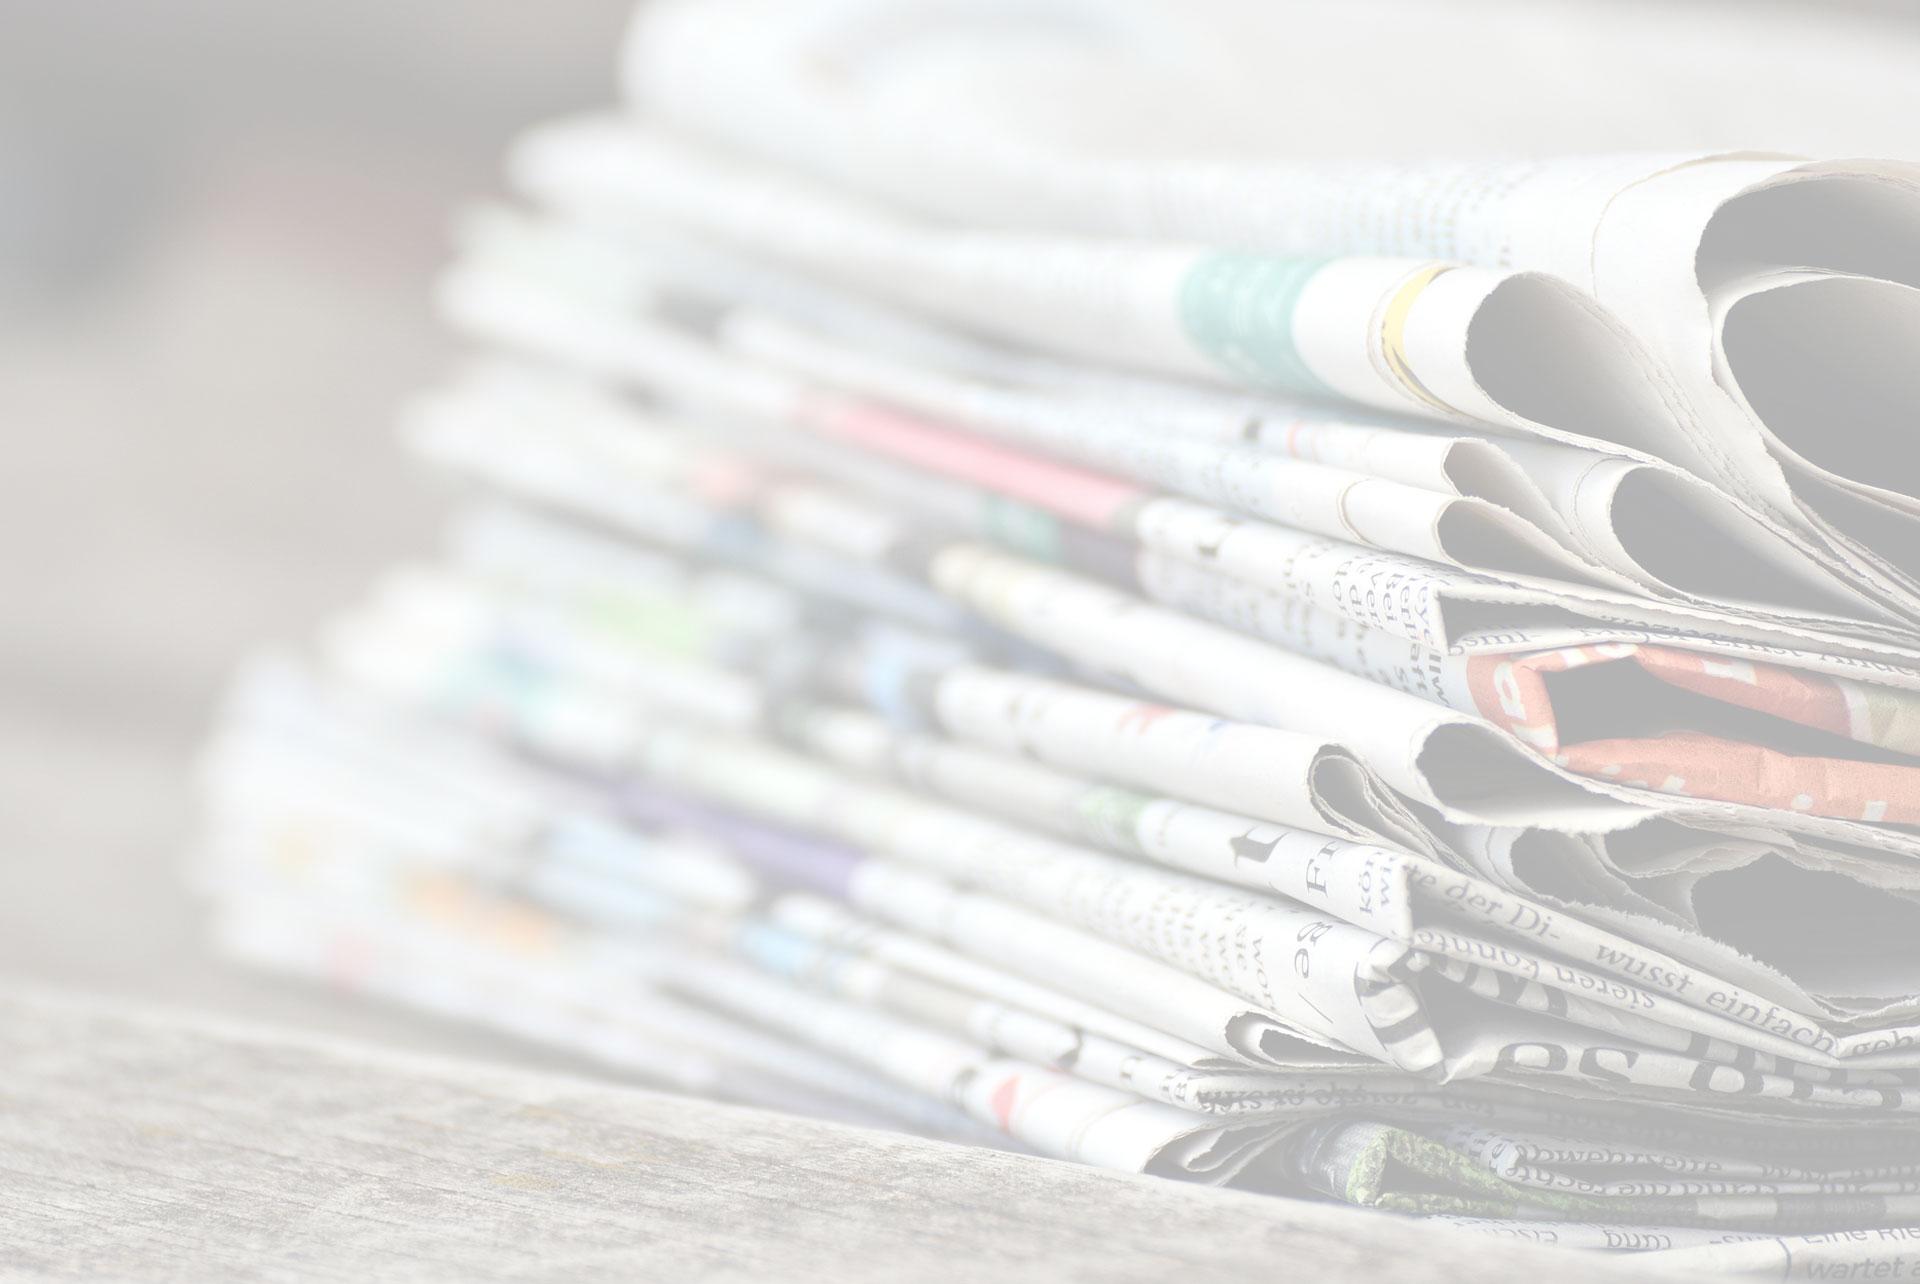 Denis Shcherbitski